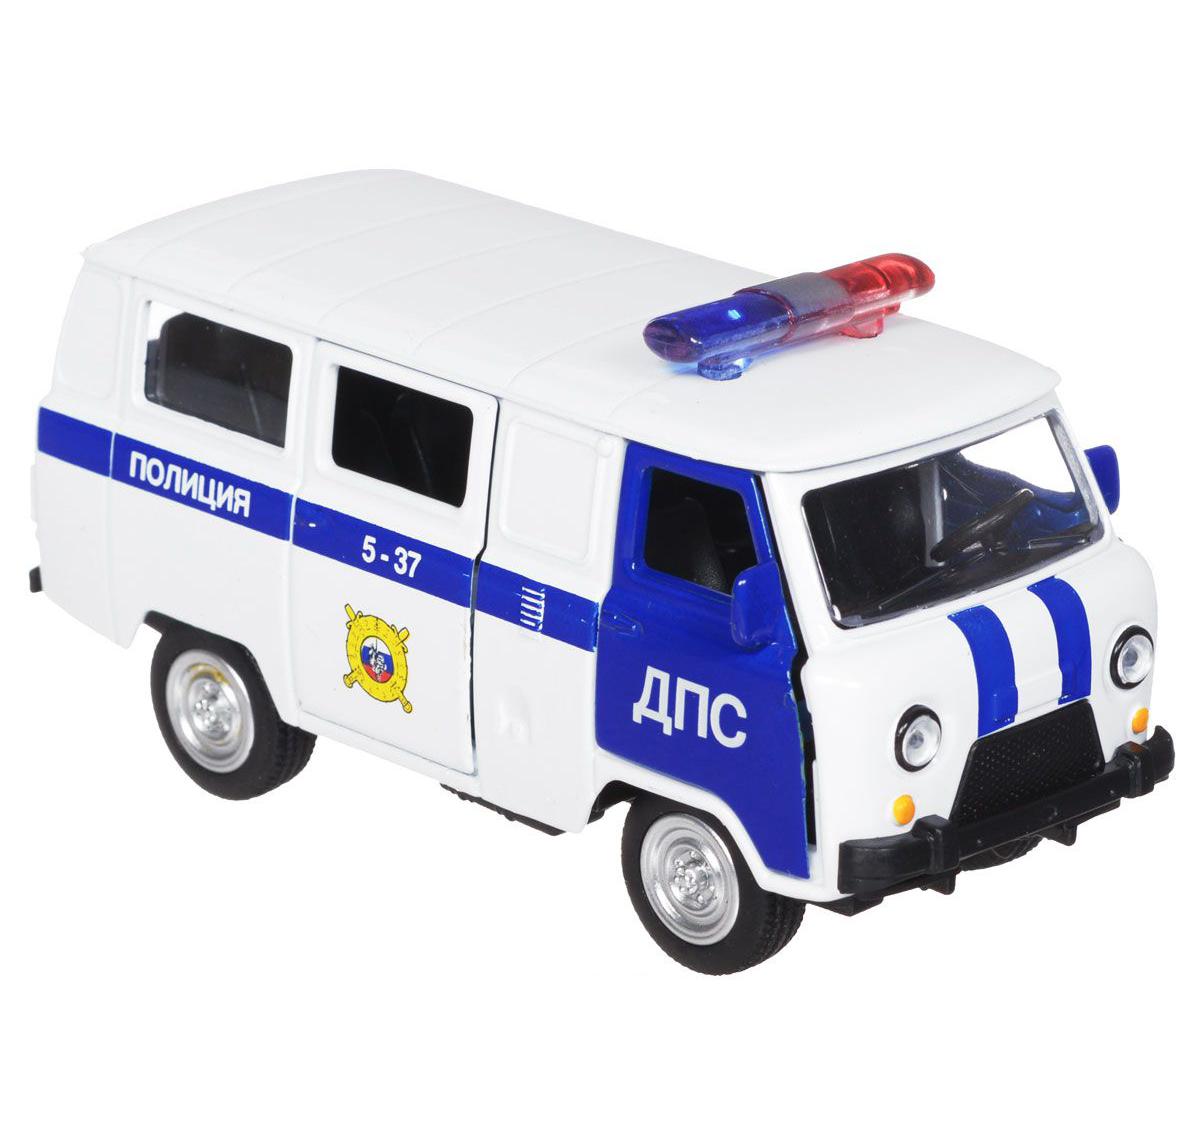 Машина металлическая инерционная - Уаз 39625 – Полиция, ДПСУАЗ<br>Машина металлическая инерционная - Уаз 39625 – Полиция, ДПС<br>